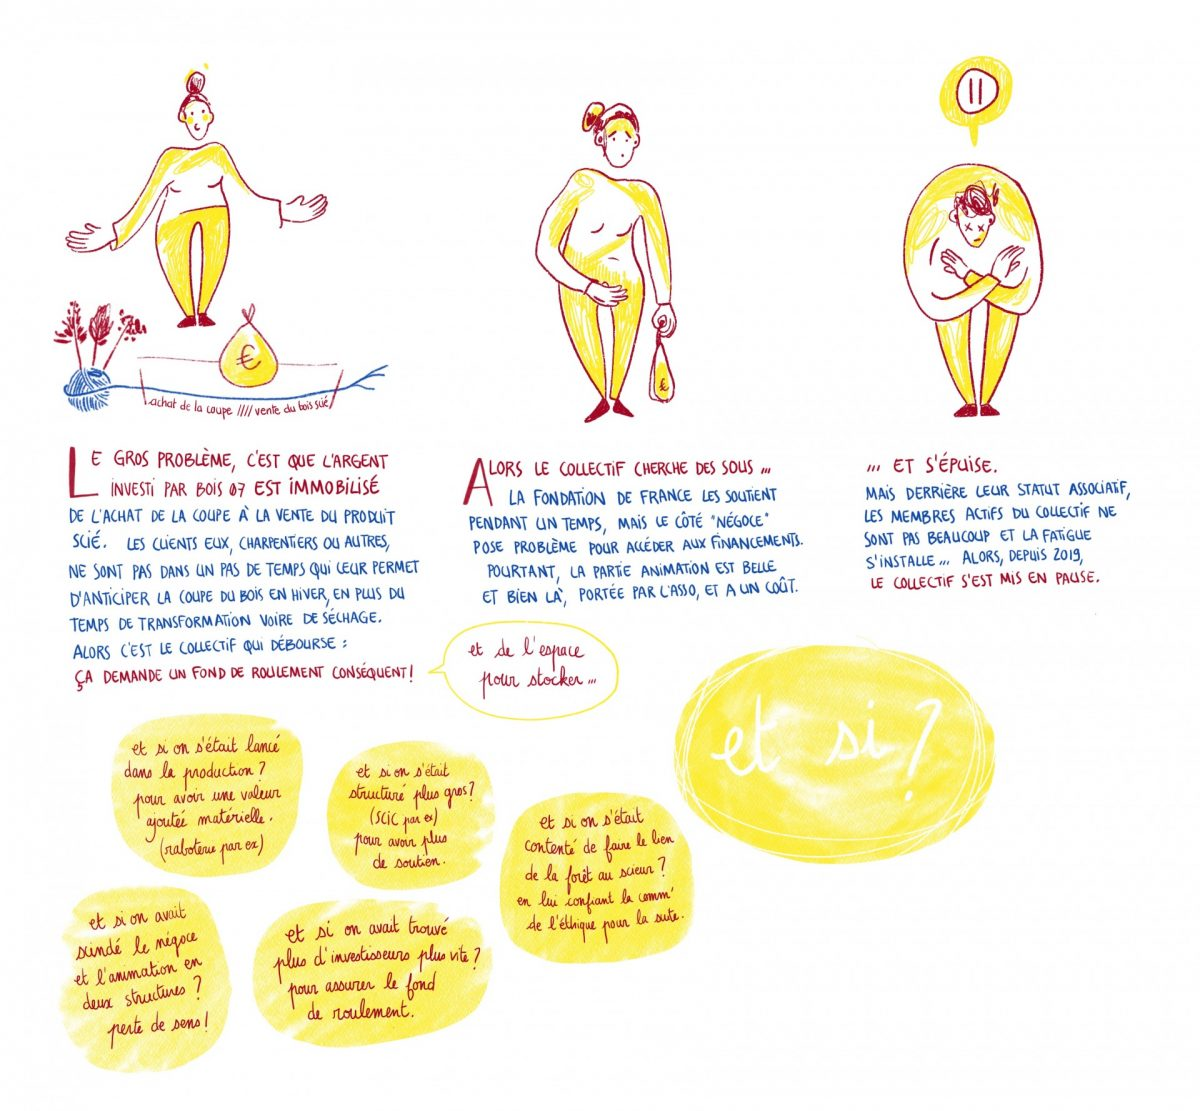 Bois 07 les freins, reportage dessiné, copindesbois